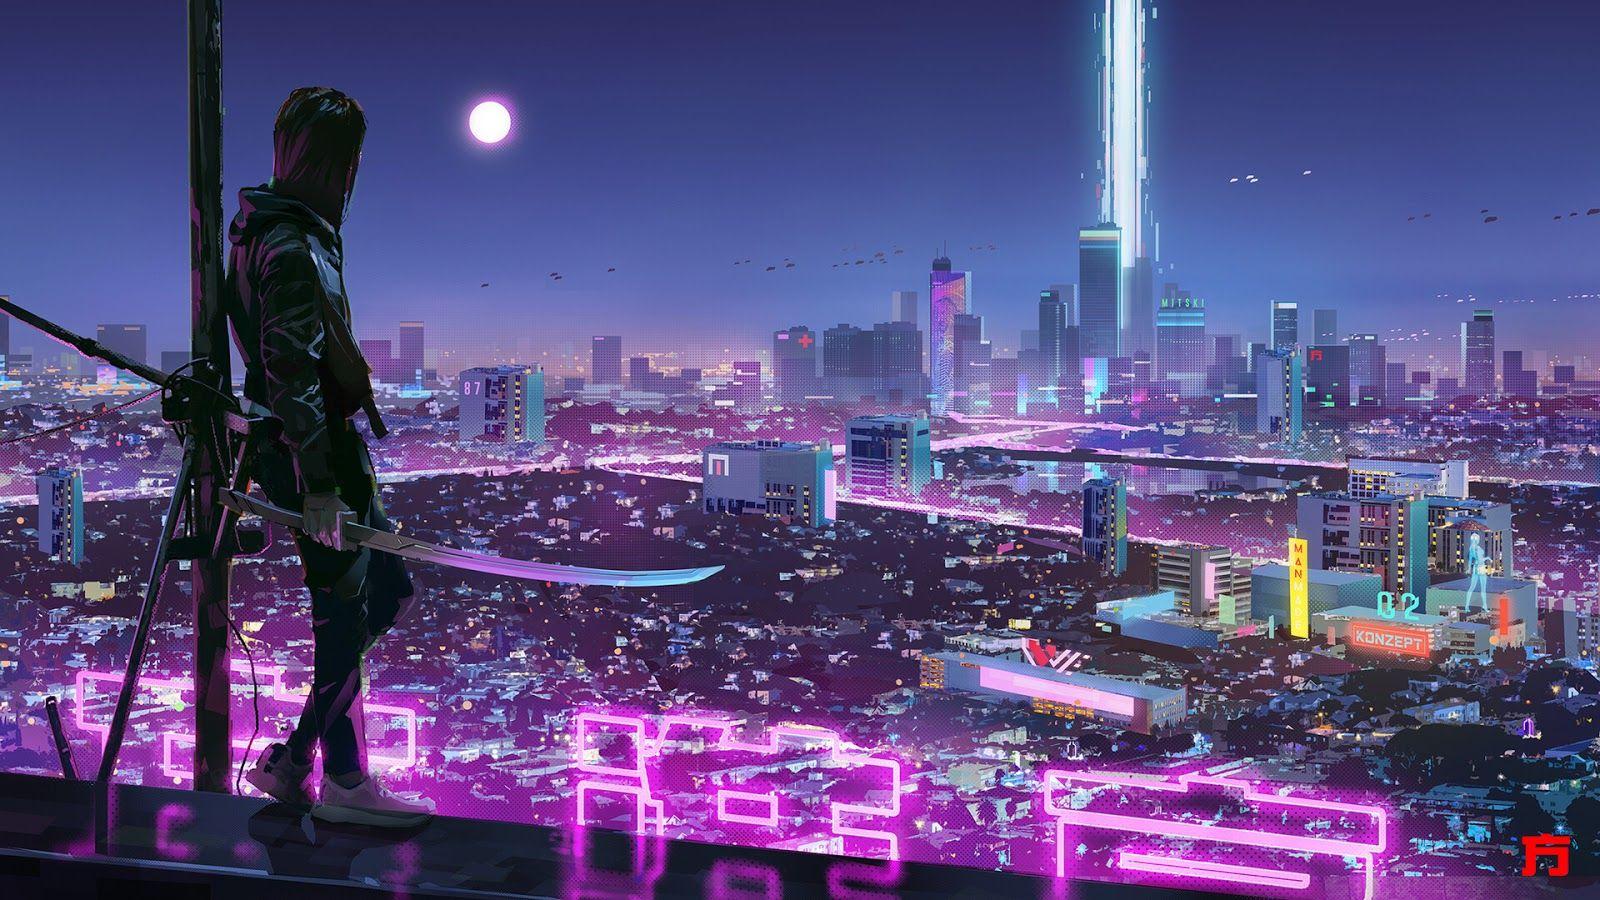 Desktop wallpaper 1080p cyberpunk in 2020 cyberpunk